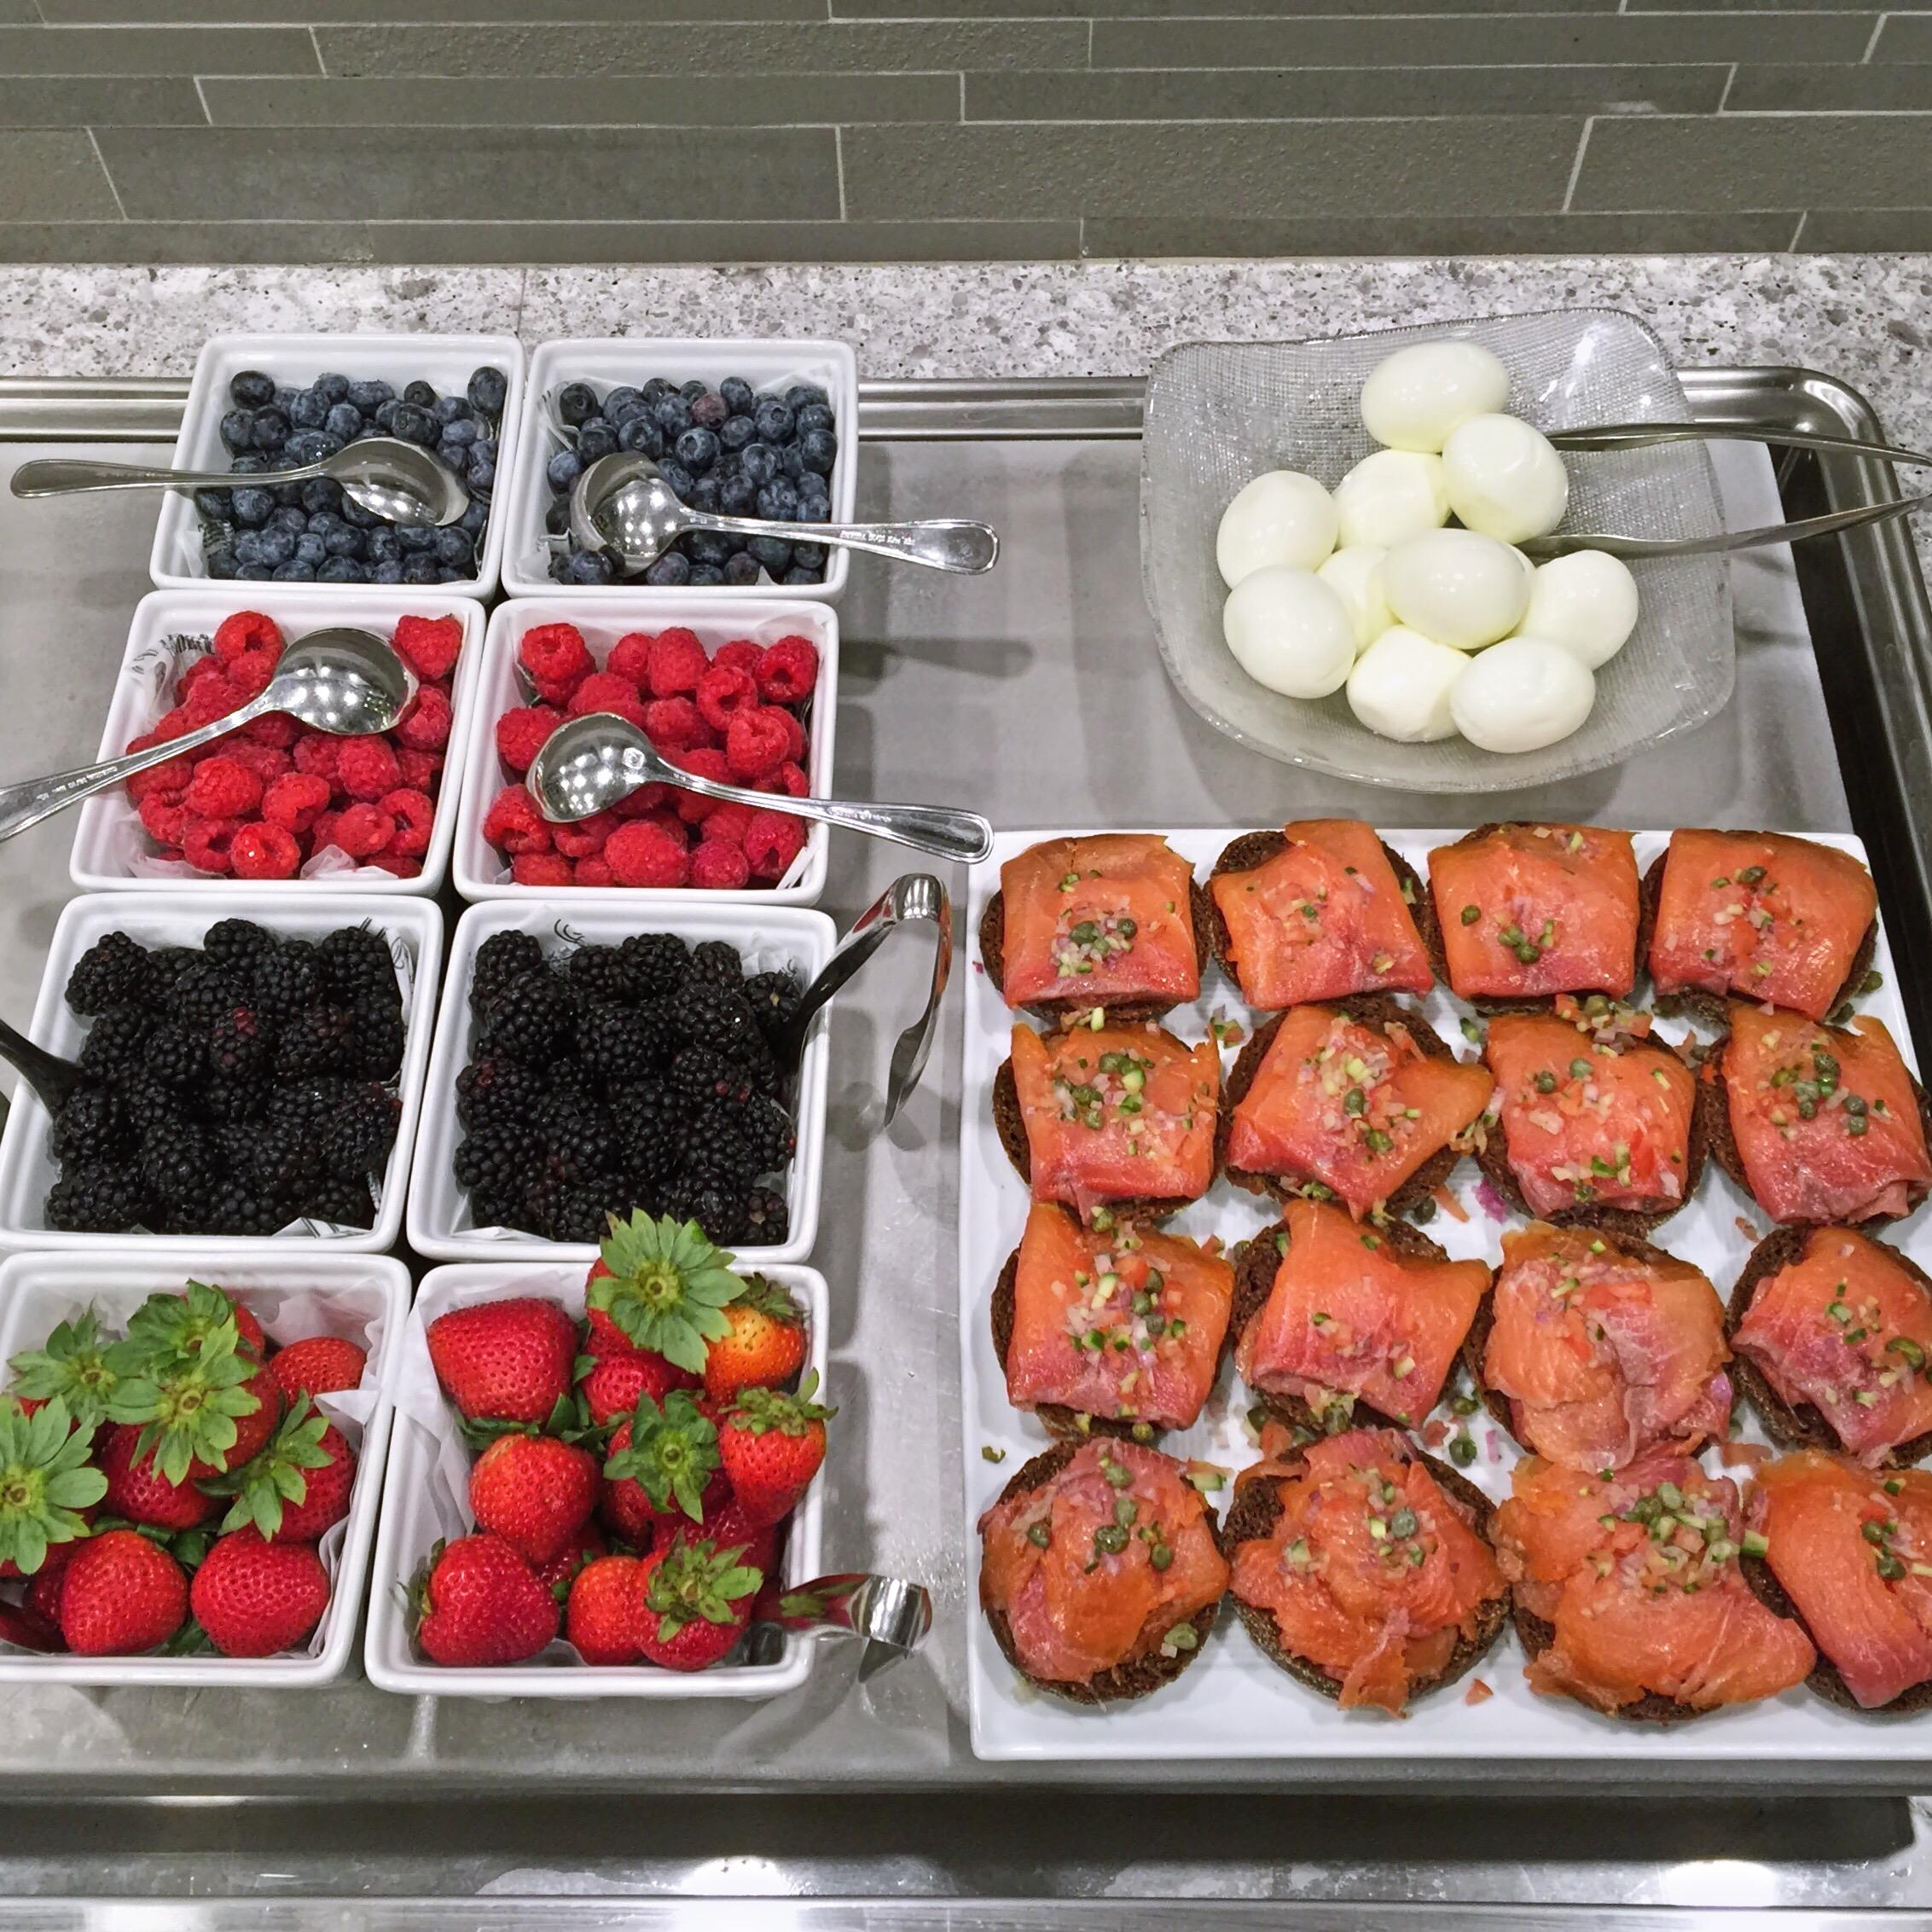 08-08-16 Breakfast 2.jpg